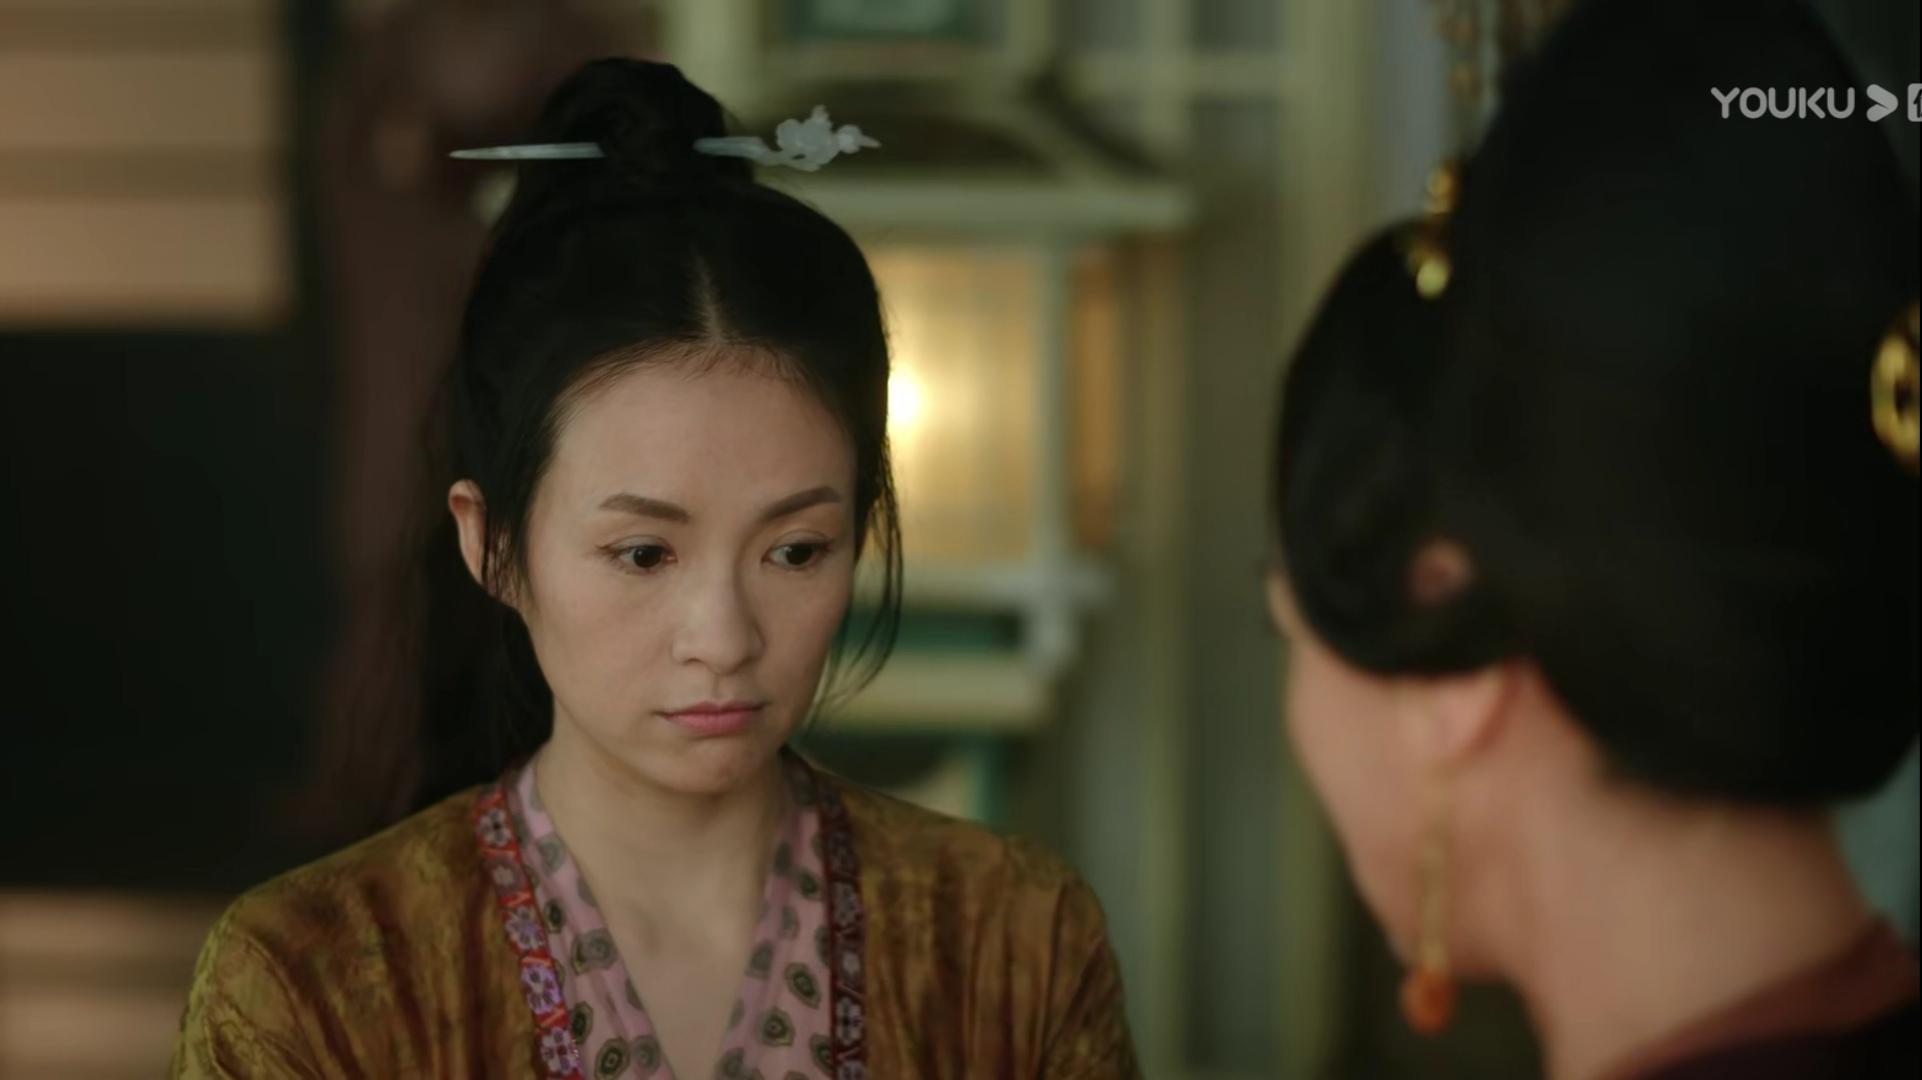 《上阳赋》:章子怡强行扮少女违和,打仗堪比《雷霆战将》